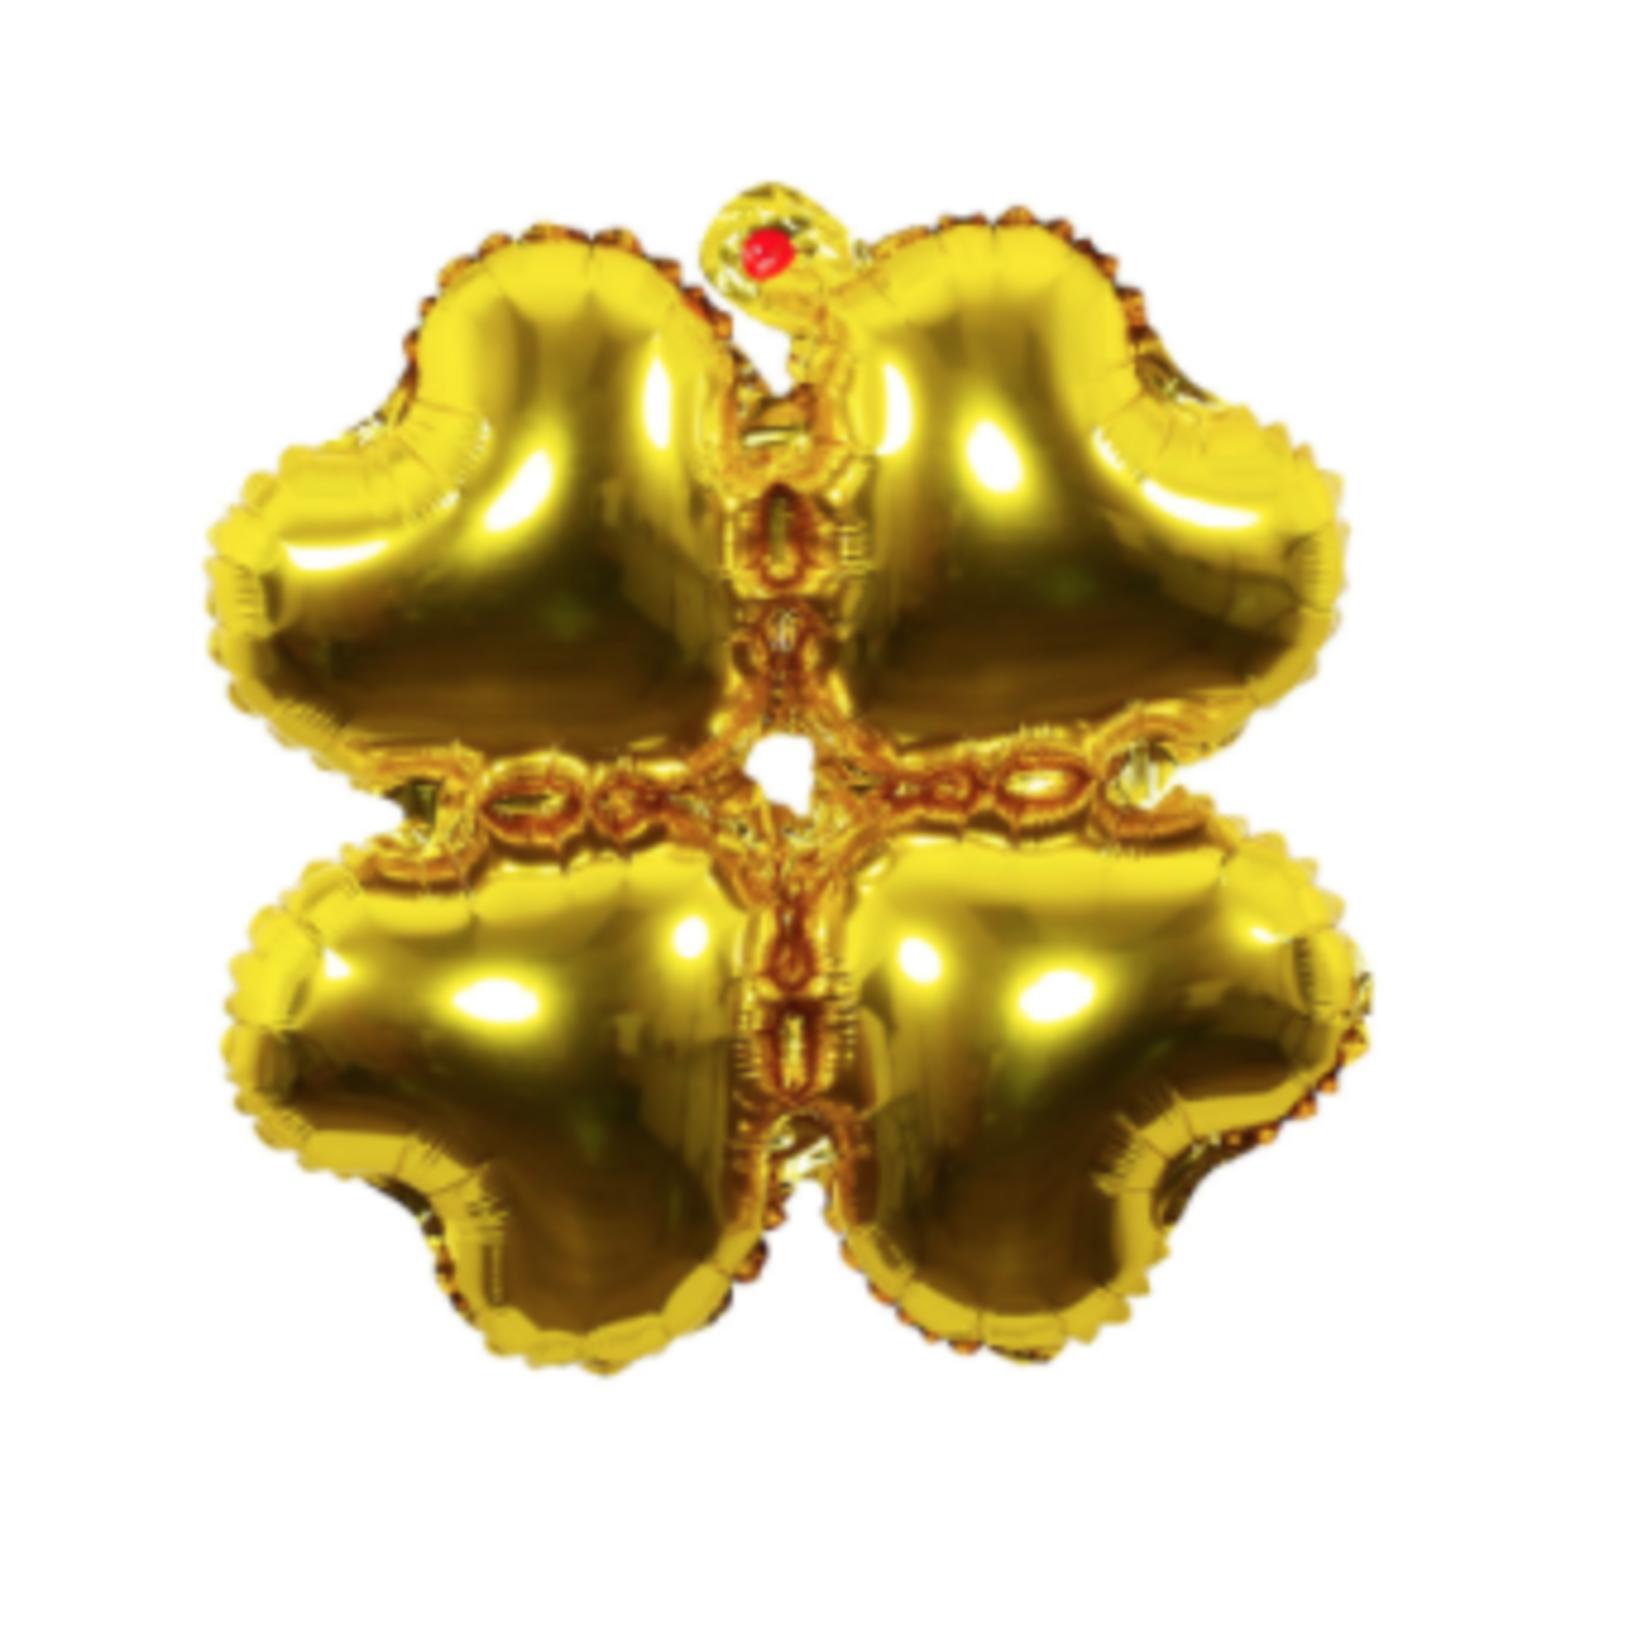 18'' GOLD CLOVER SHAPE BALLOONS, 25 PCS